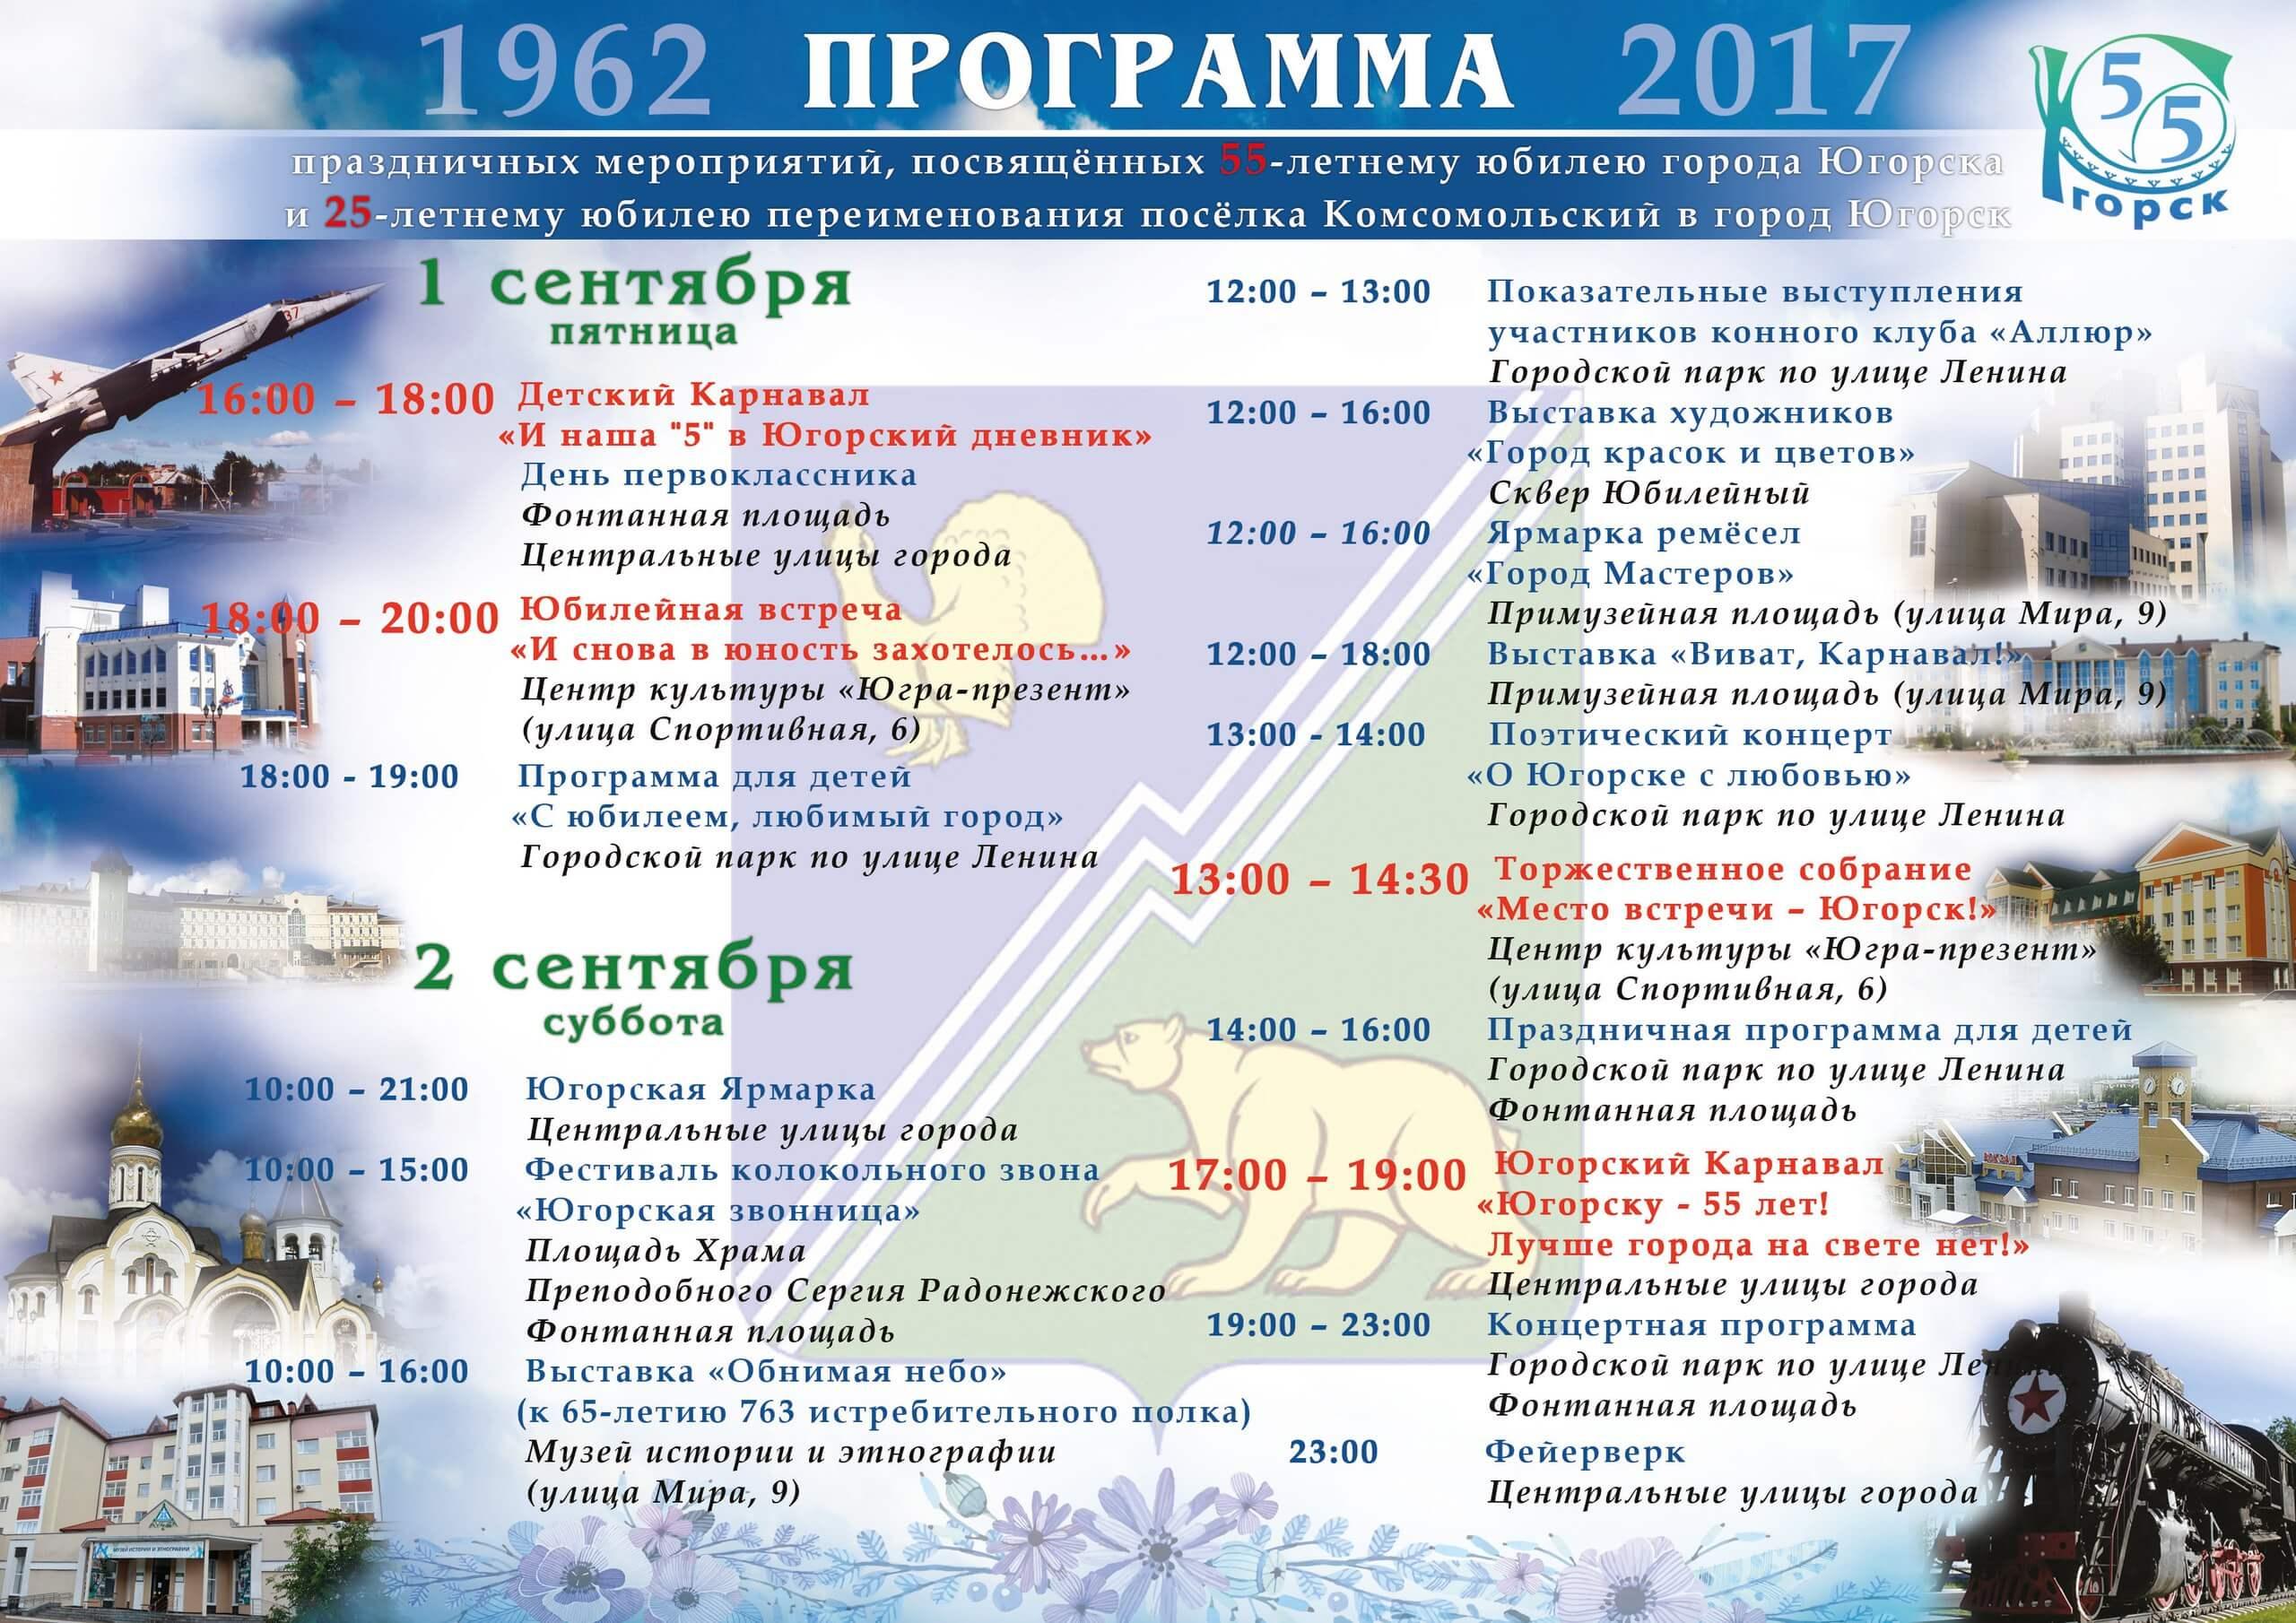 День города Югорск 1 и 2 сентября 2017 года - программа мероприятий, когда салют